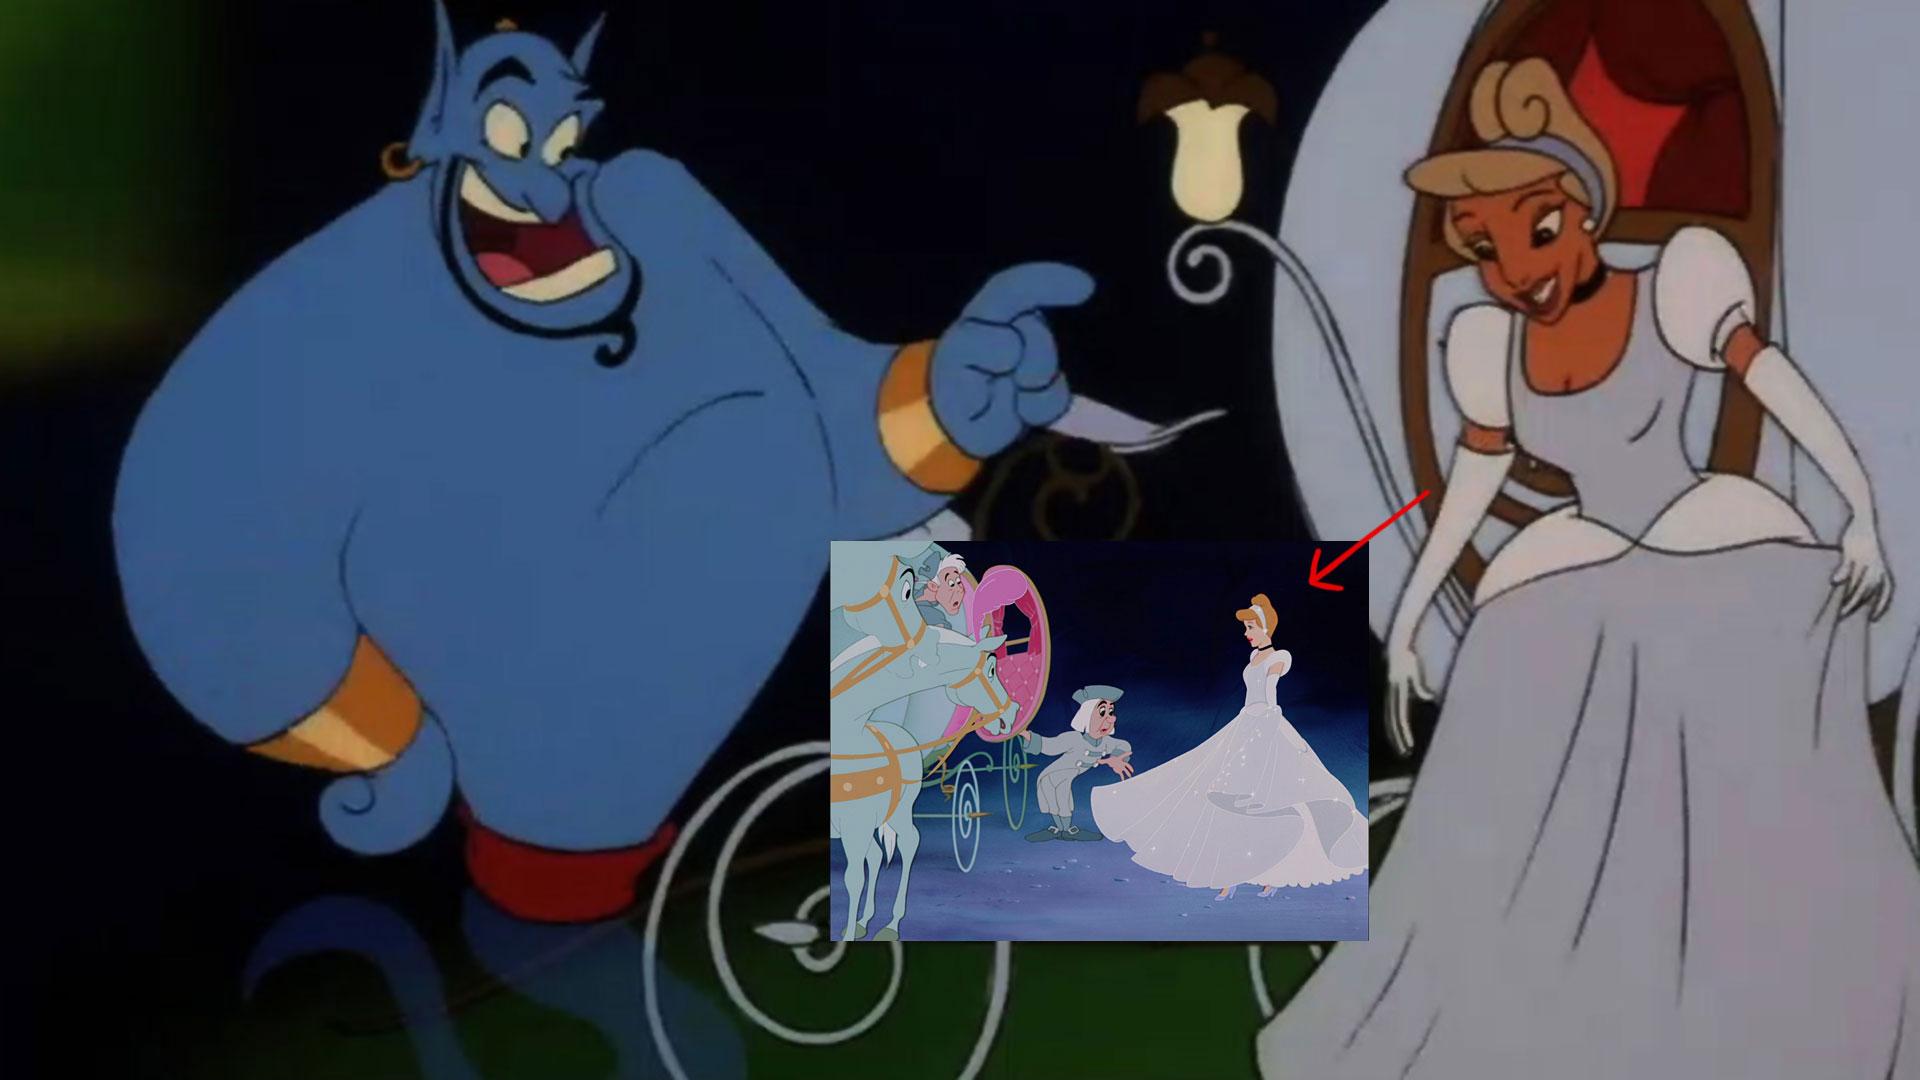 Personaggi Disney che appaiono in altri cartoni [PARTE 2]